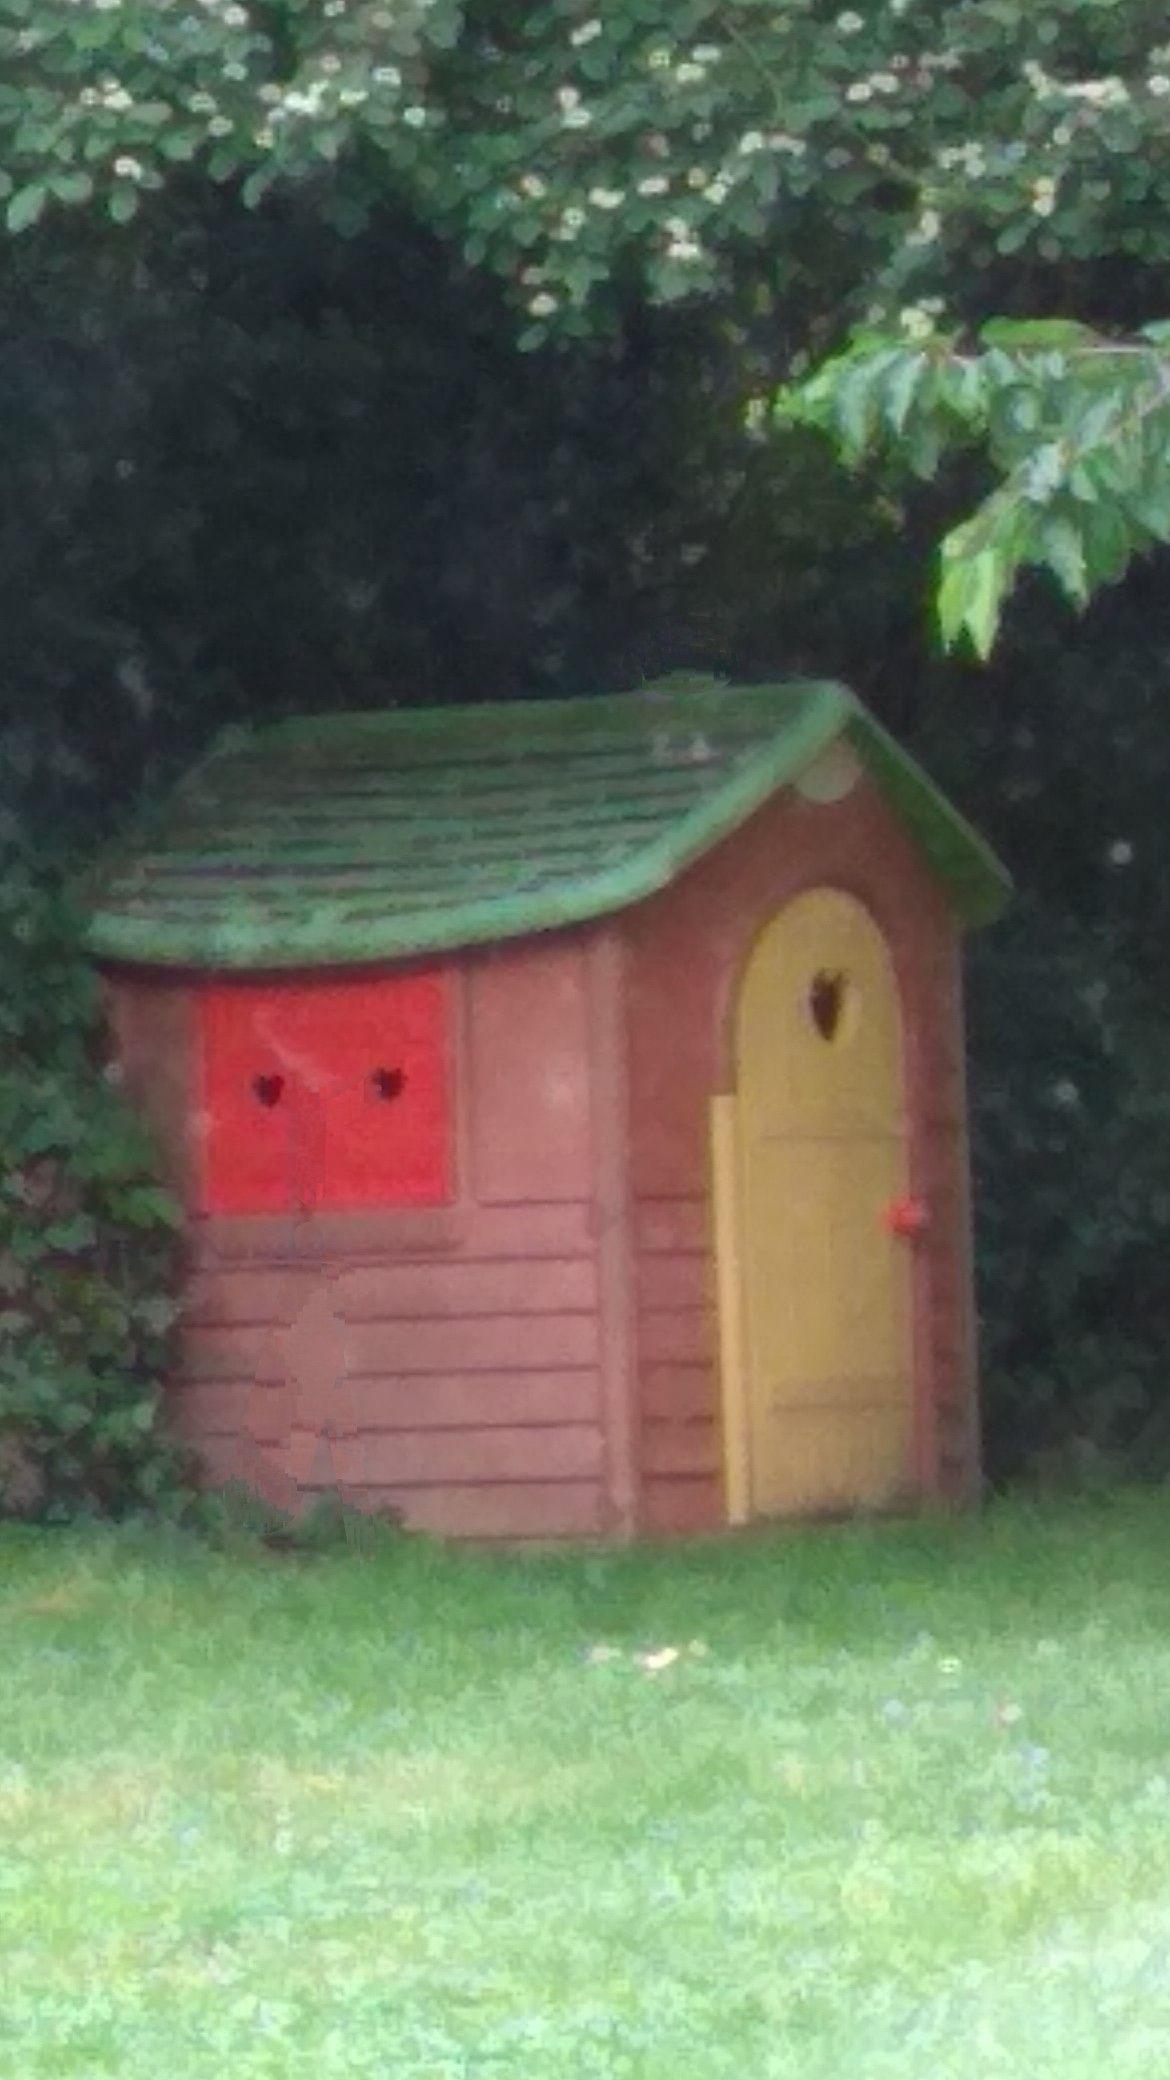 Petite Maison De Jardin Enfant Petite Maison De Jardin Maison Jardin Enfant Jardin Maison